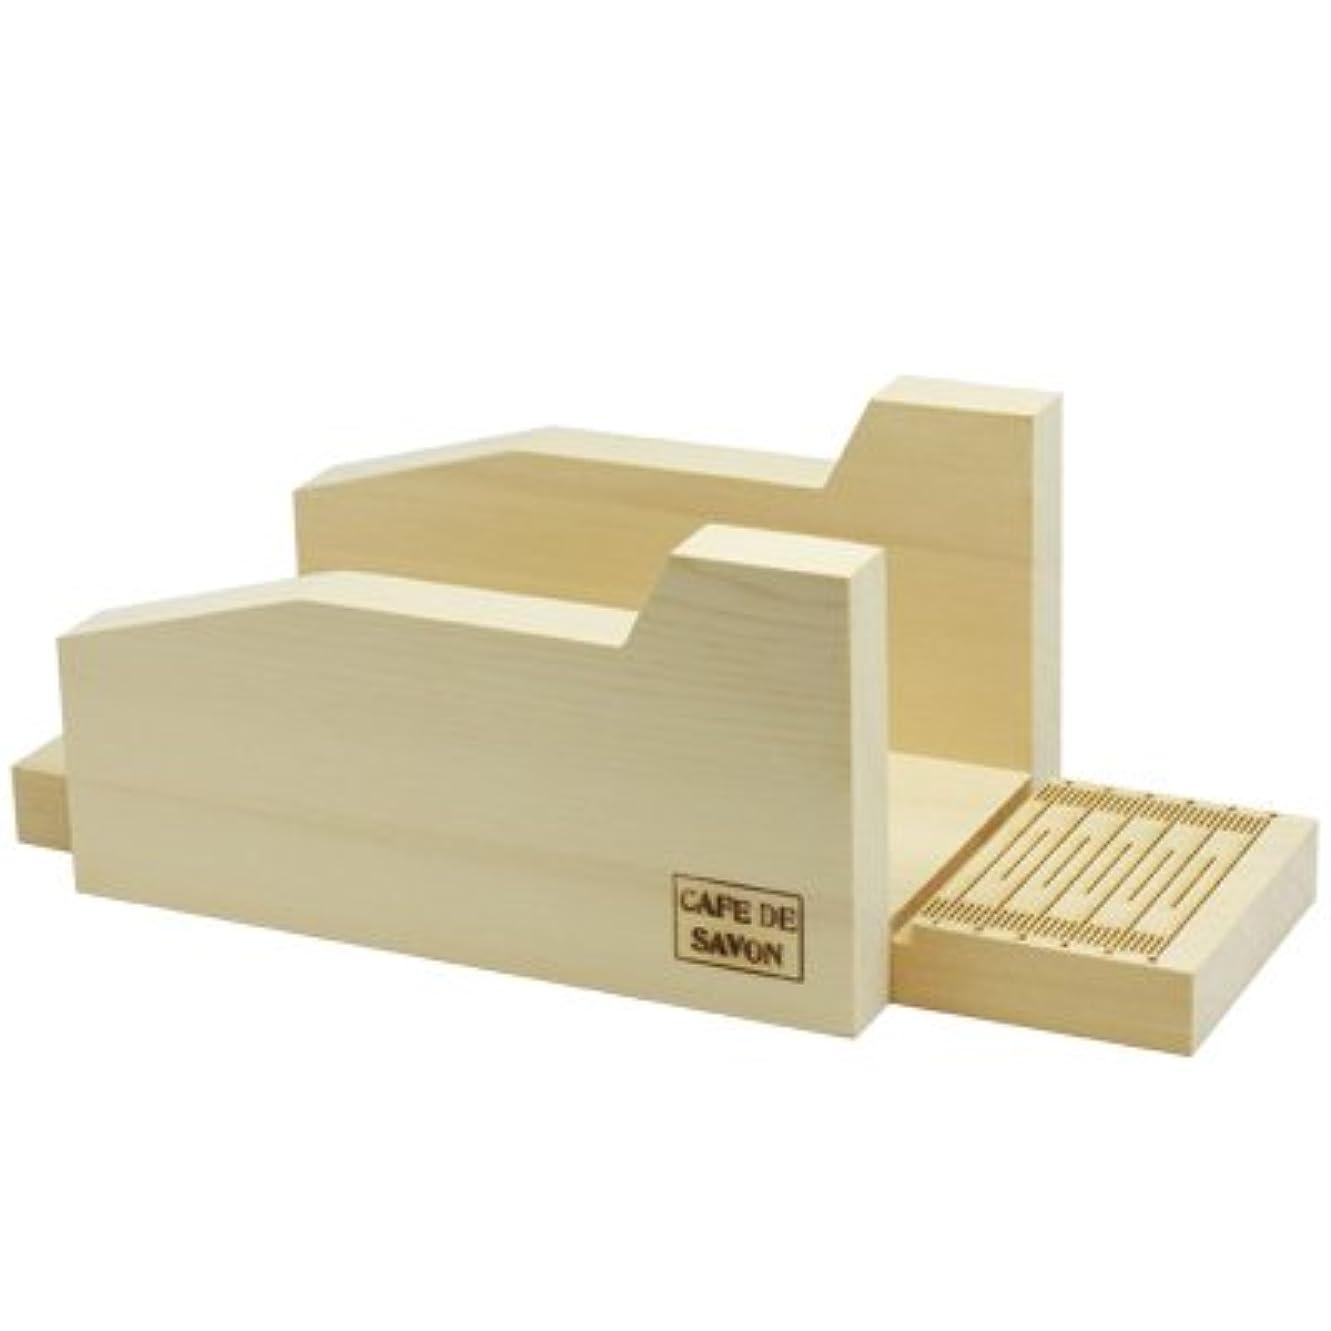 ダッシュ妨げるカブオリジナル 木製ソープカッター台